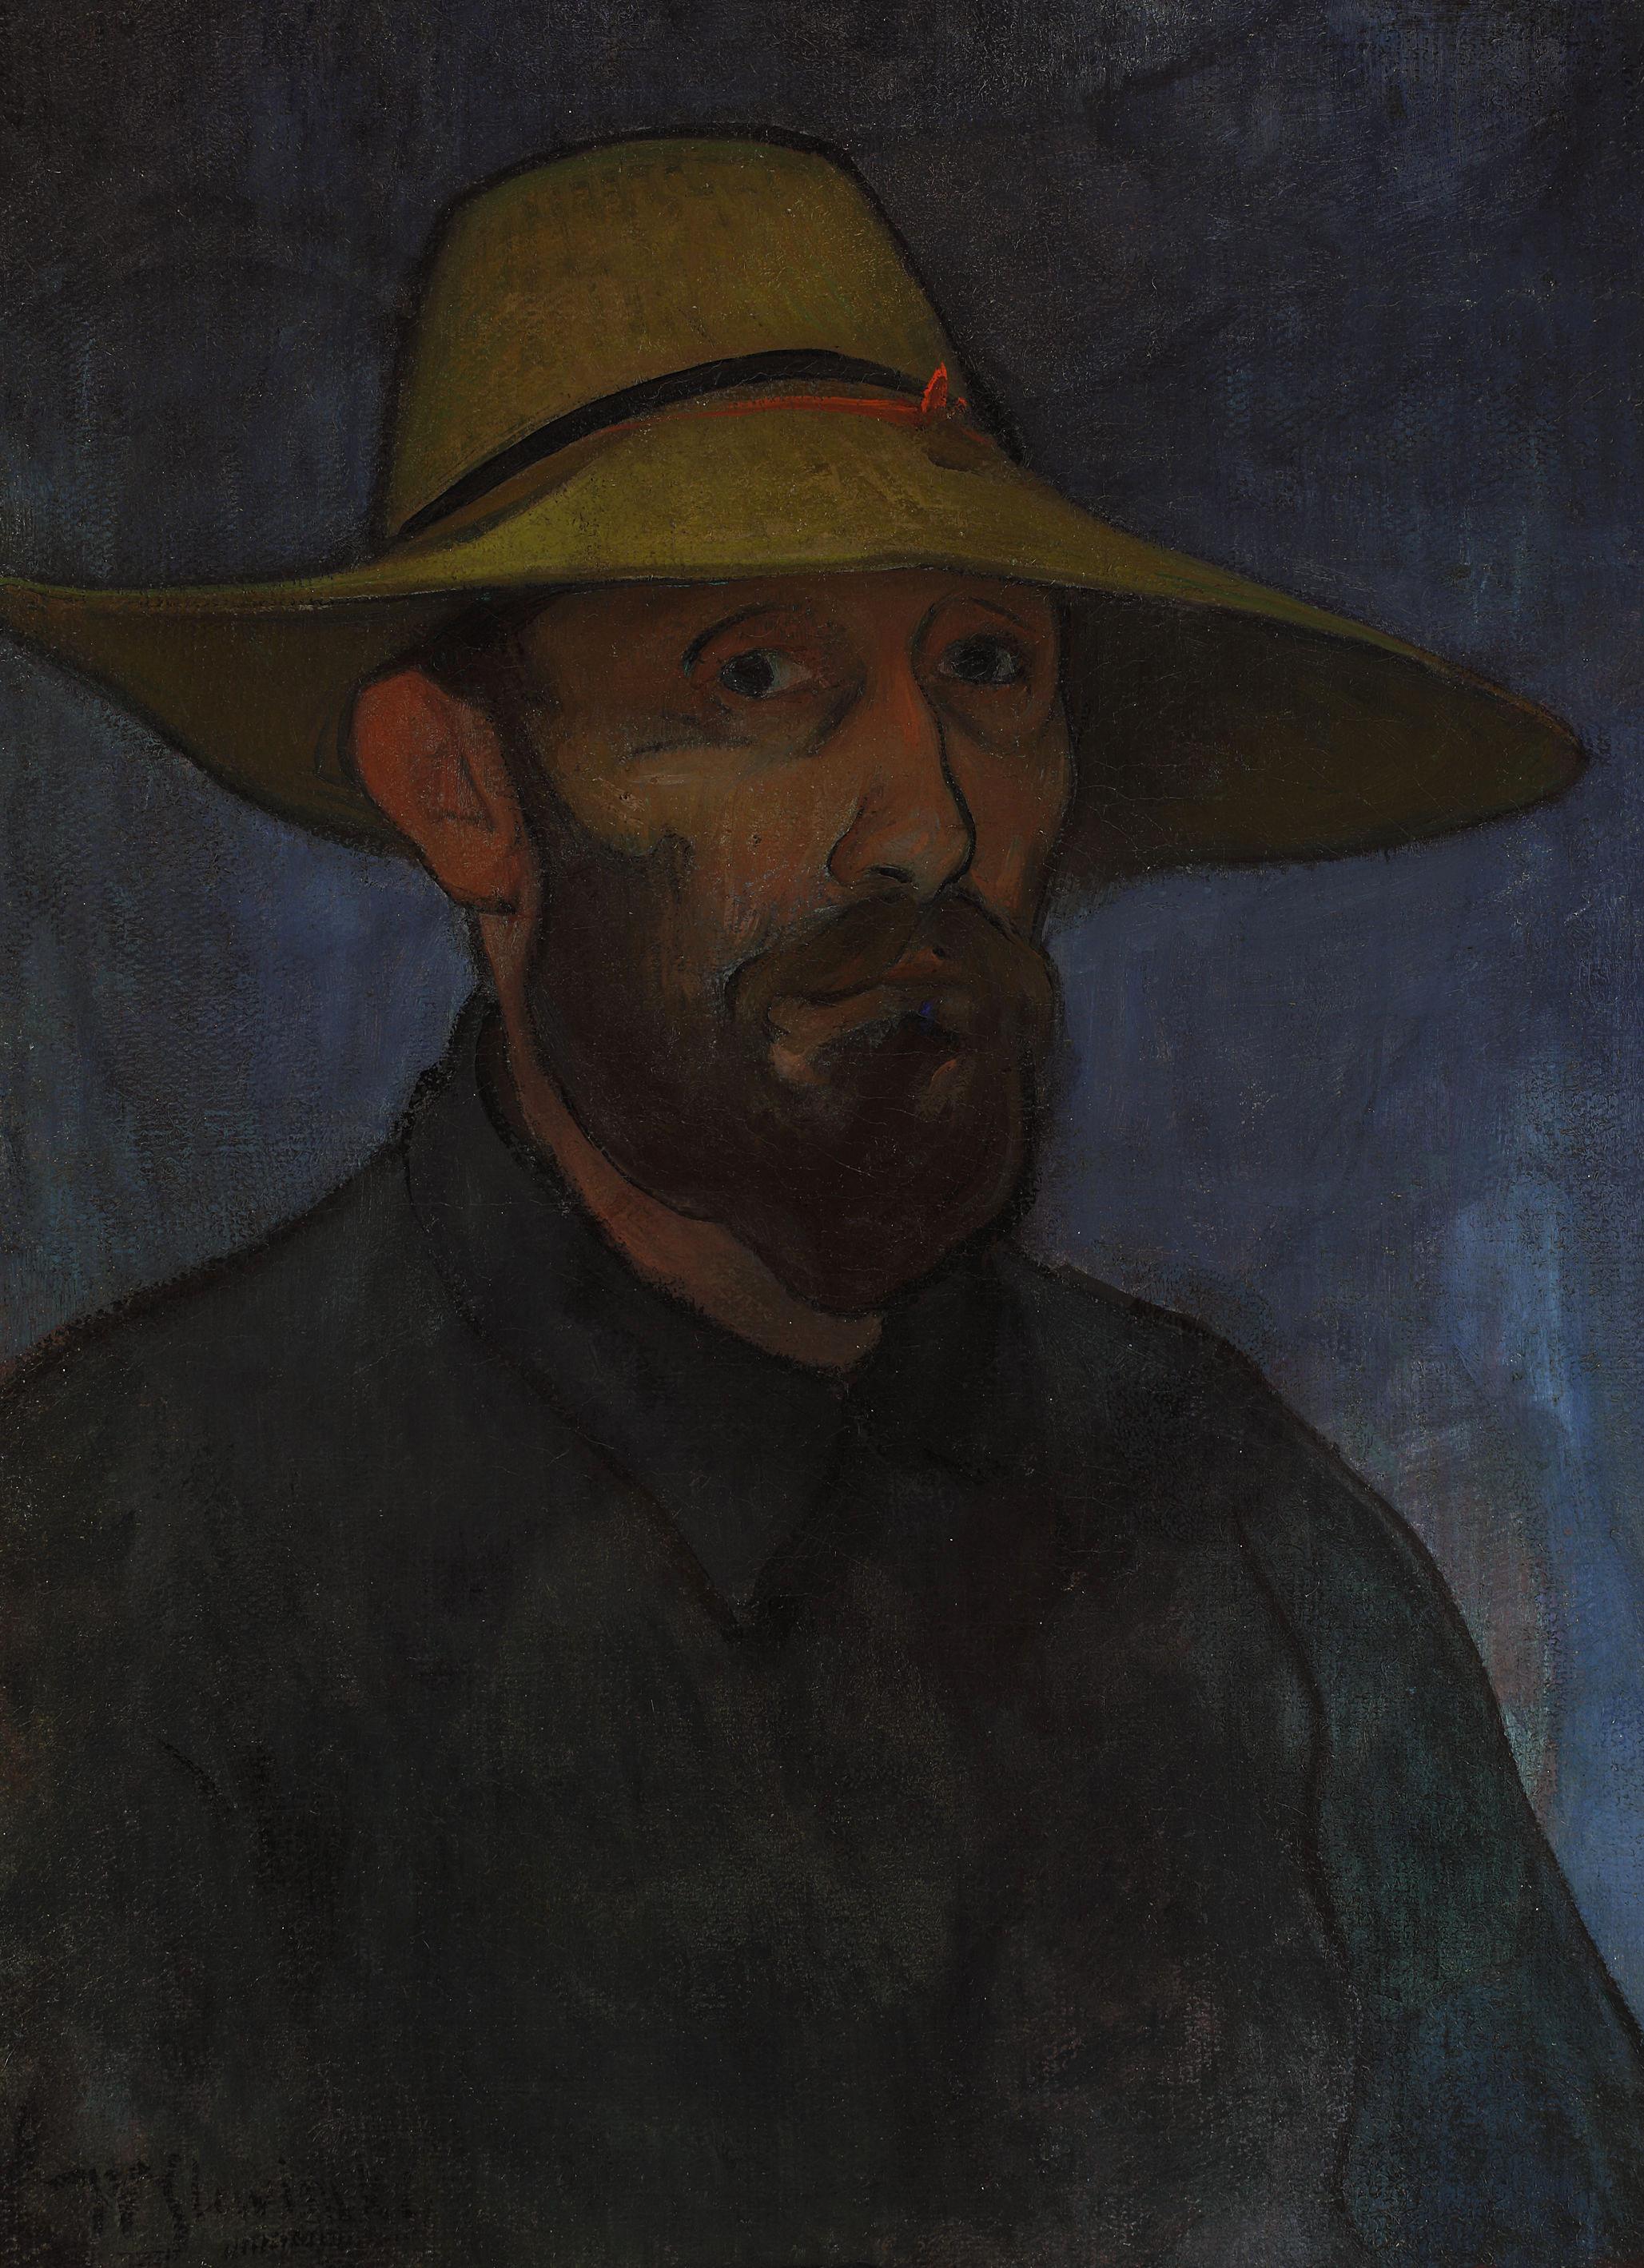 """Władysław Ślewiński (1854 - 1918) """"Autoportret w słomkowym kapeluszu"""", ok. 1894 roku, źródło: Muzeum Narodowe w Warszawie"""